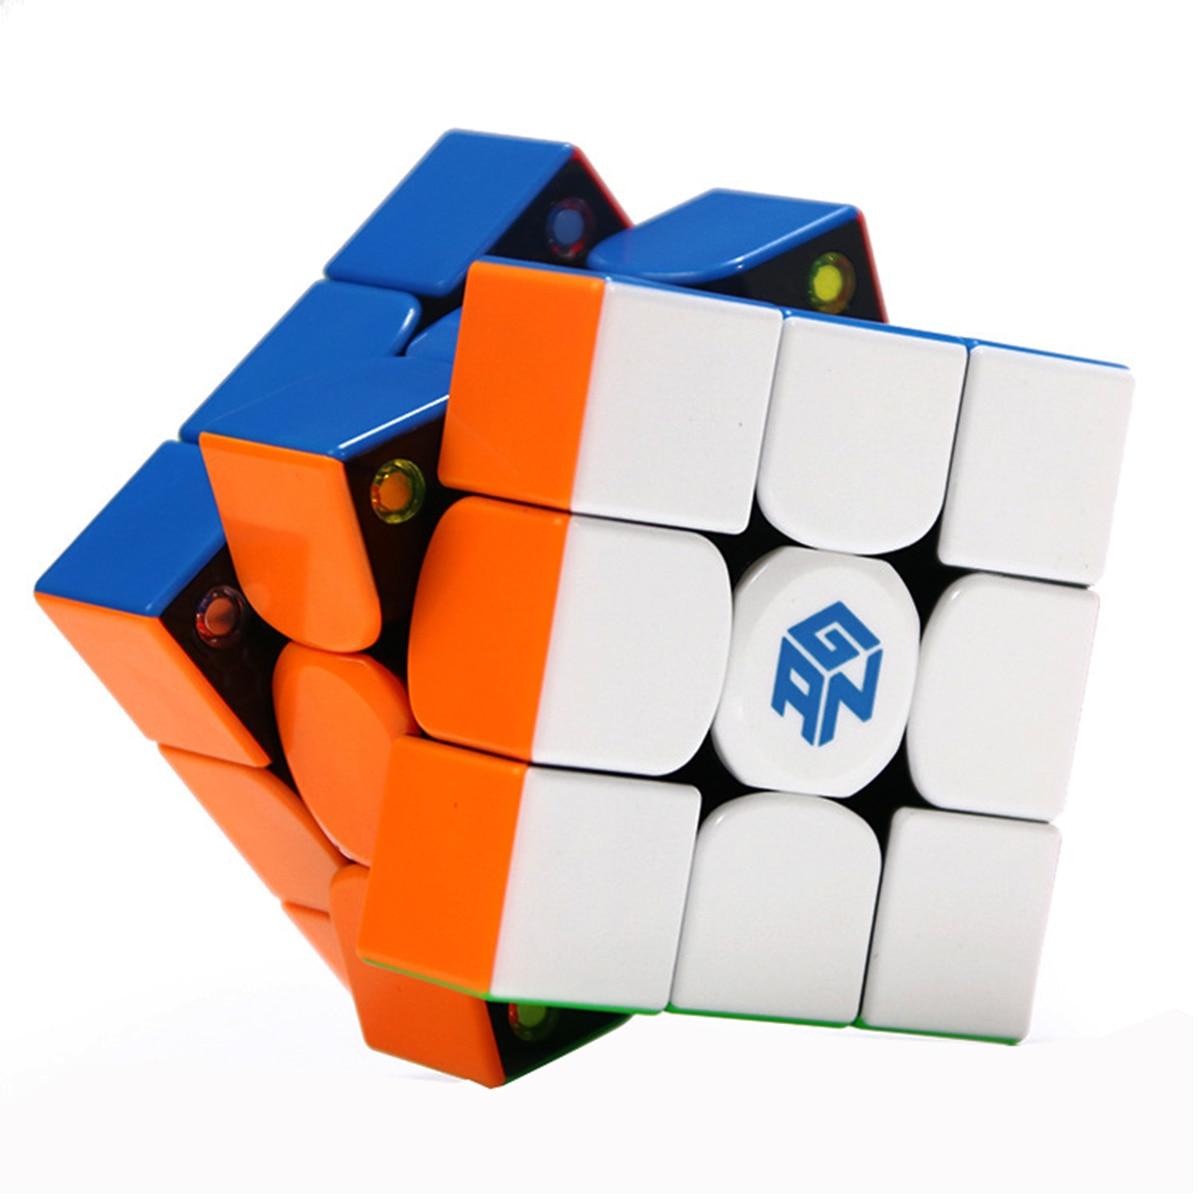 Gan GAN354M 3x3x3 Stickerless Magnétique Gan 354 M Magique Cube Vitesse puzzle Cubes jouets éducatifs Pour Enfants cadeau de noël